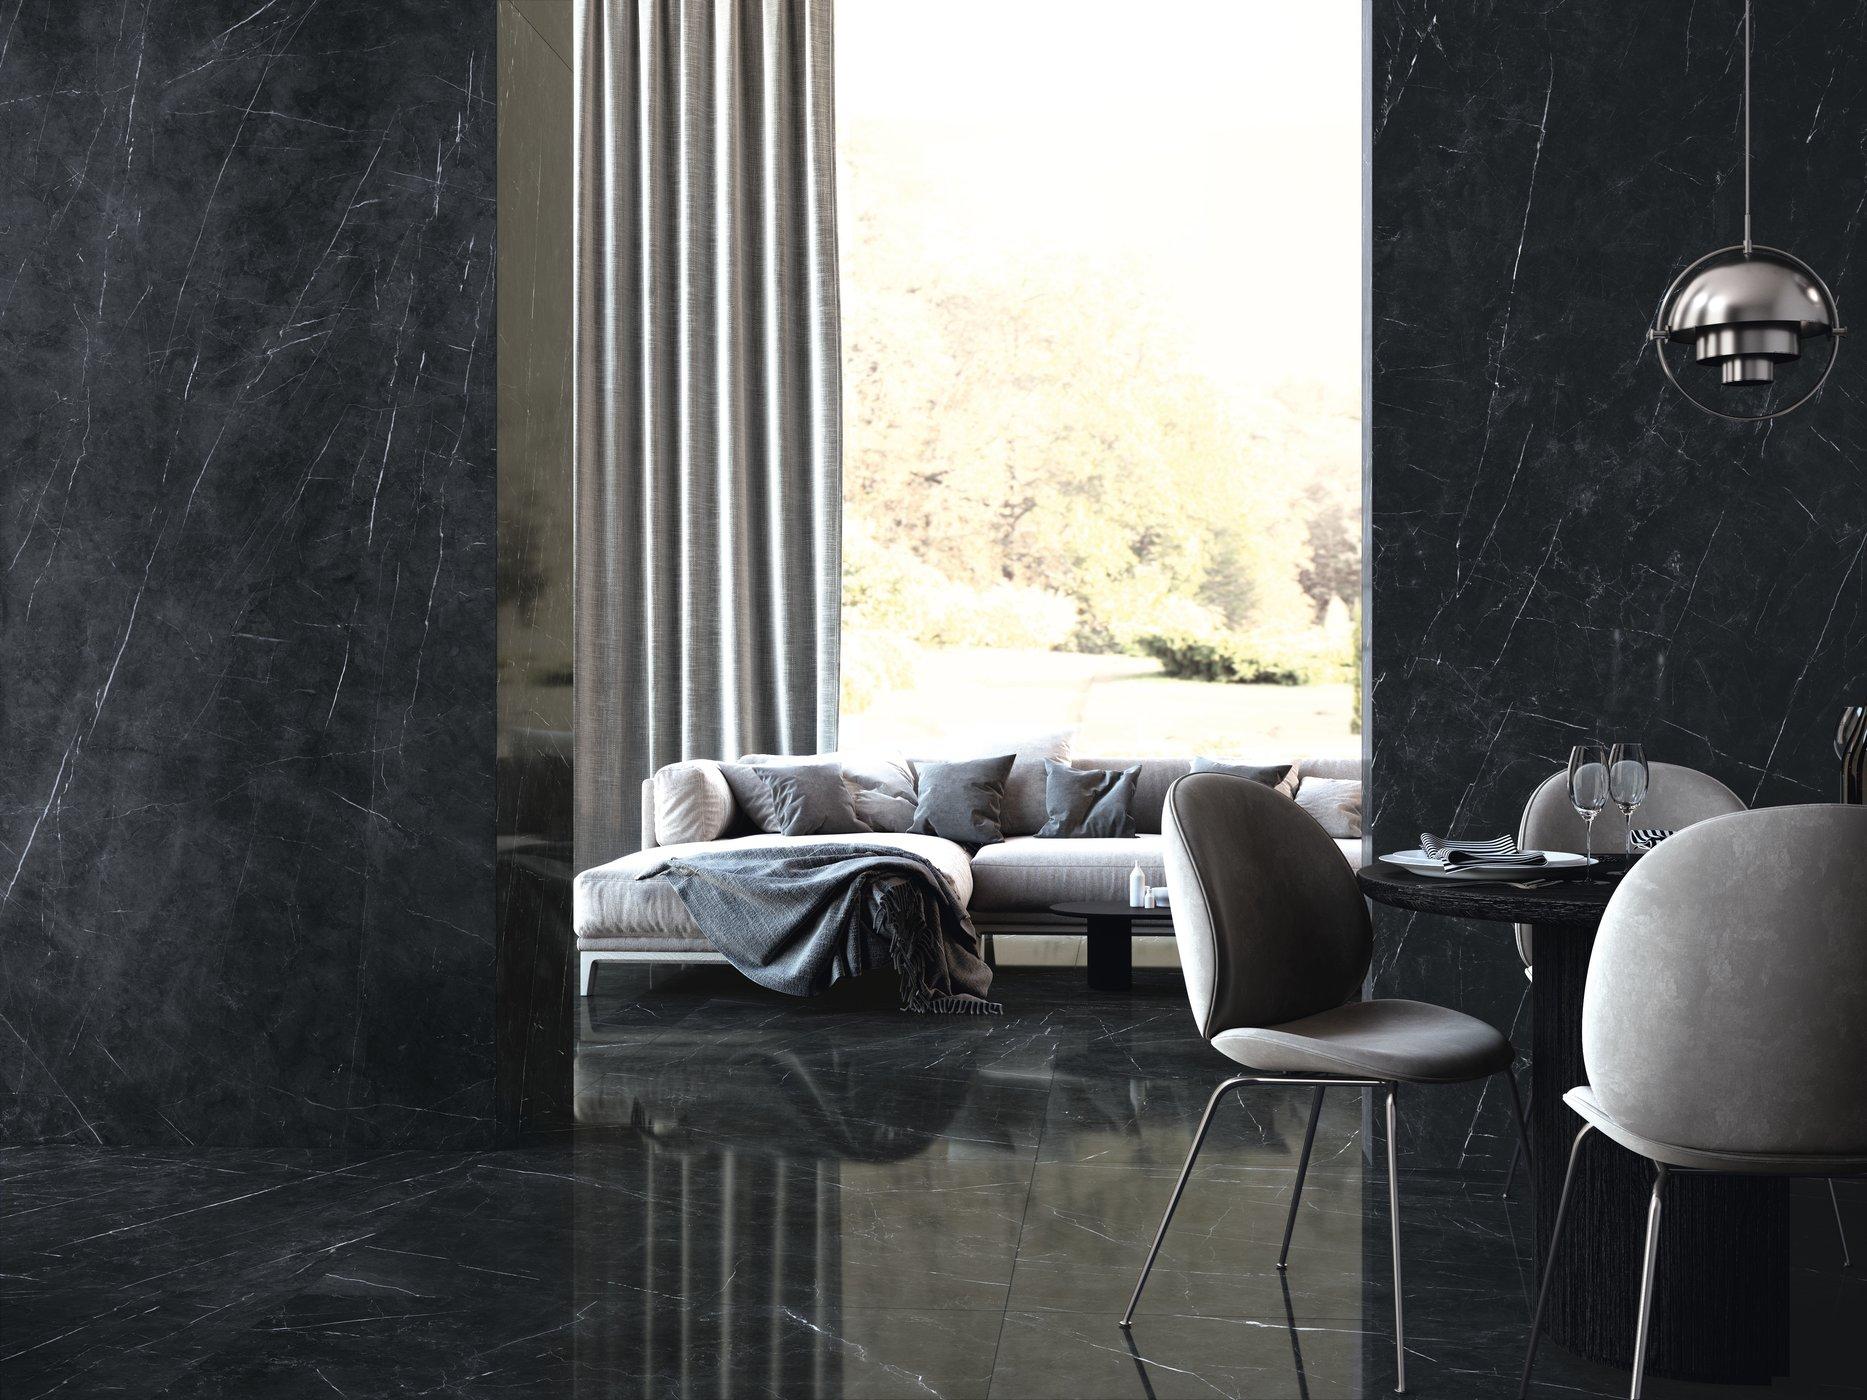 Tessino Black Pulido 260 x 120 cm. Pavimento Tessino Black Pulido 120 x 120 cm.